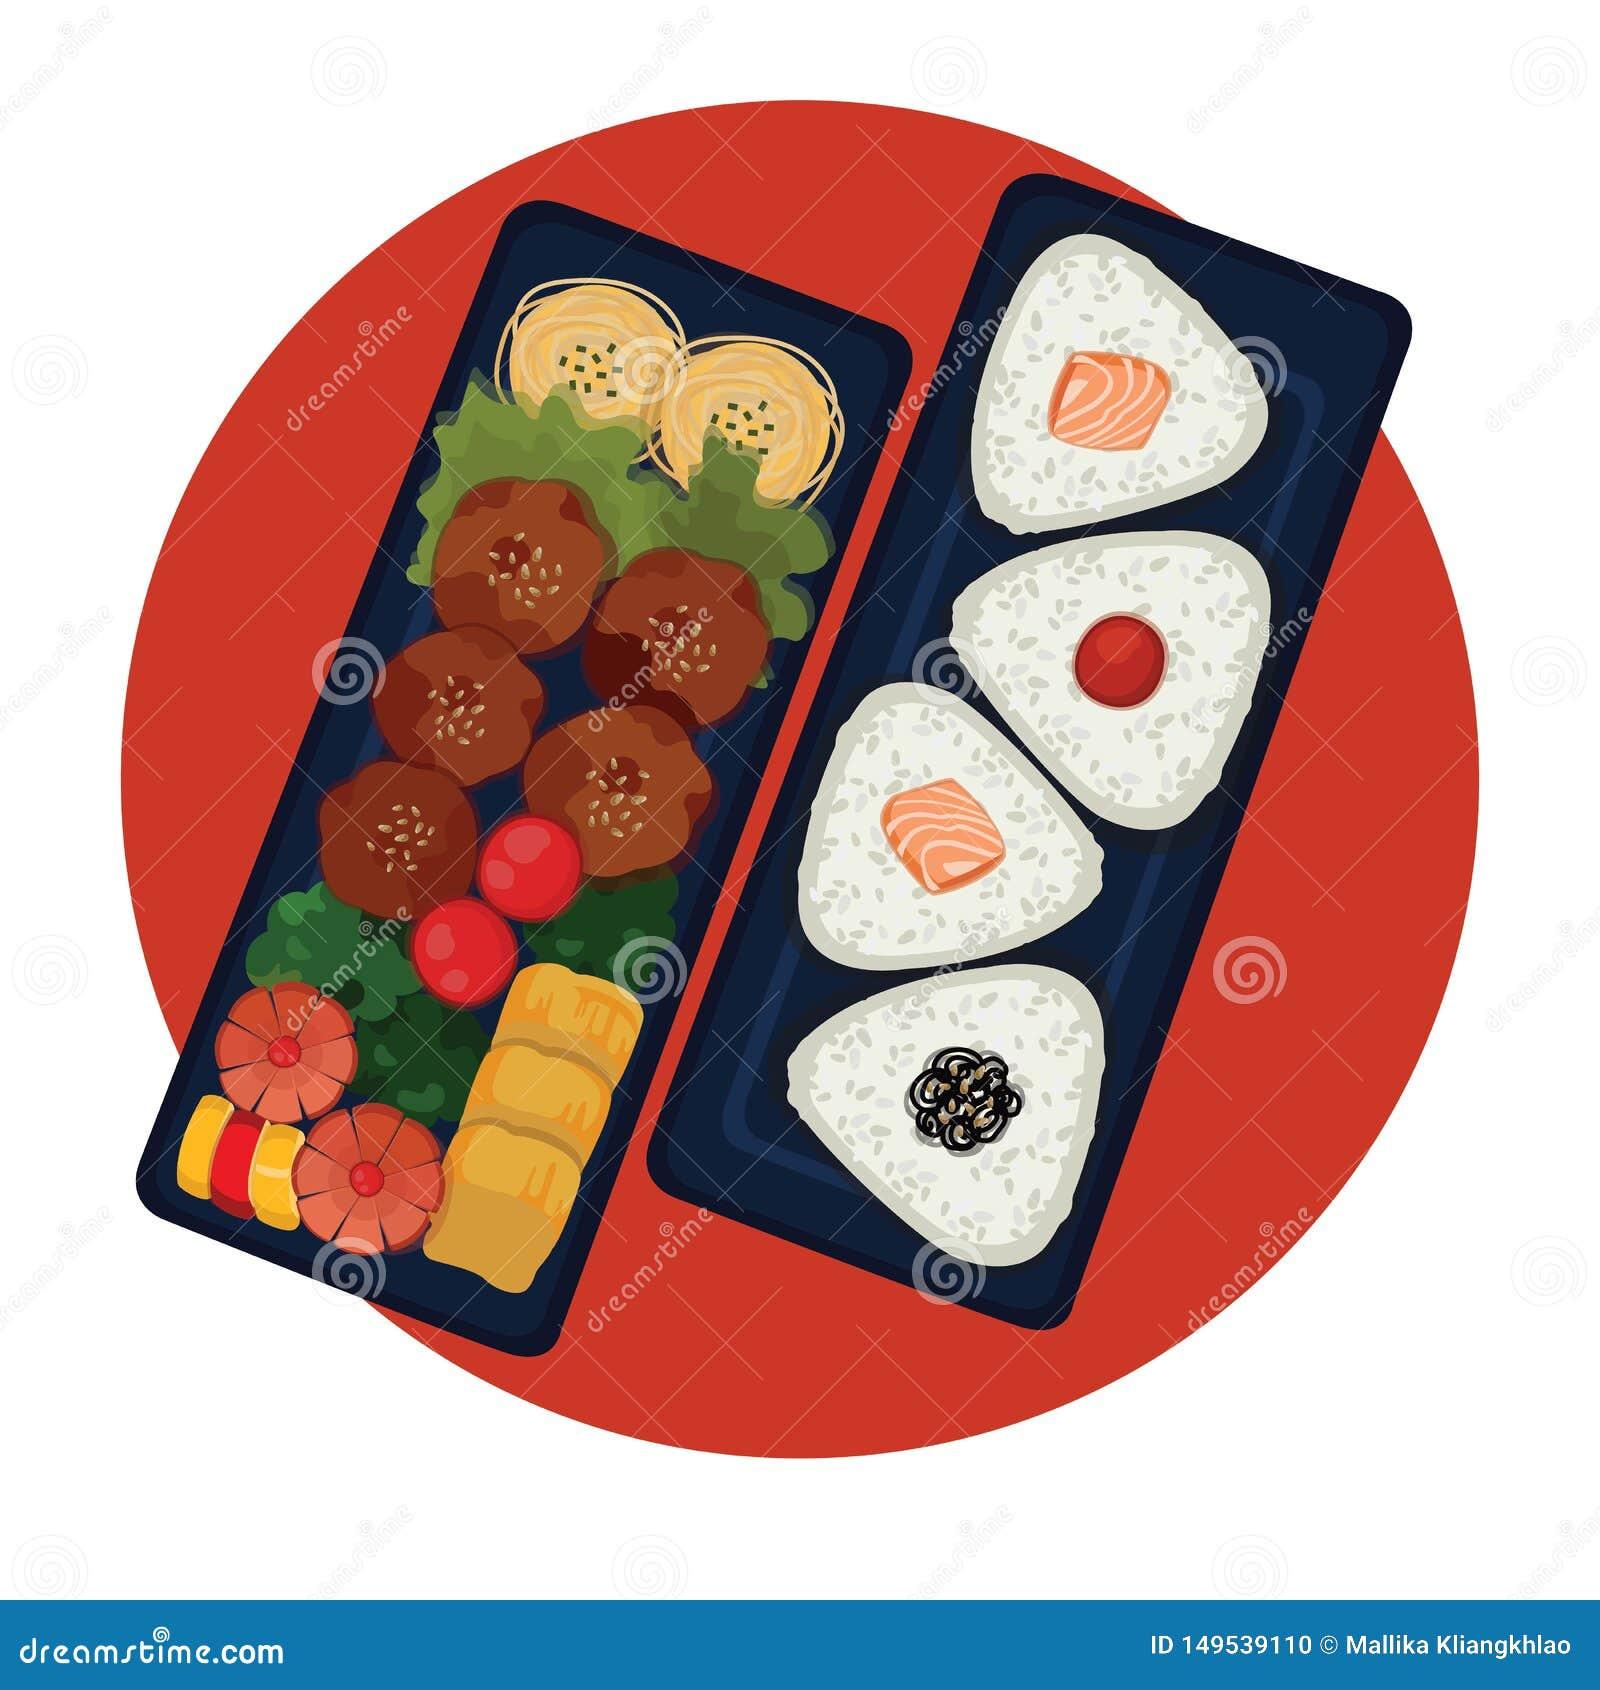 Бенто - японская коробка для завтрака с шариками риса